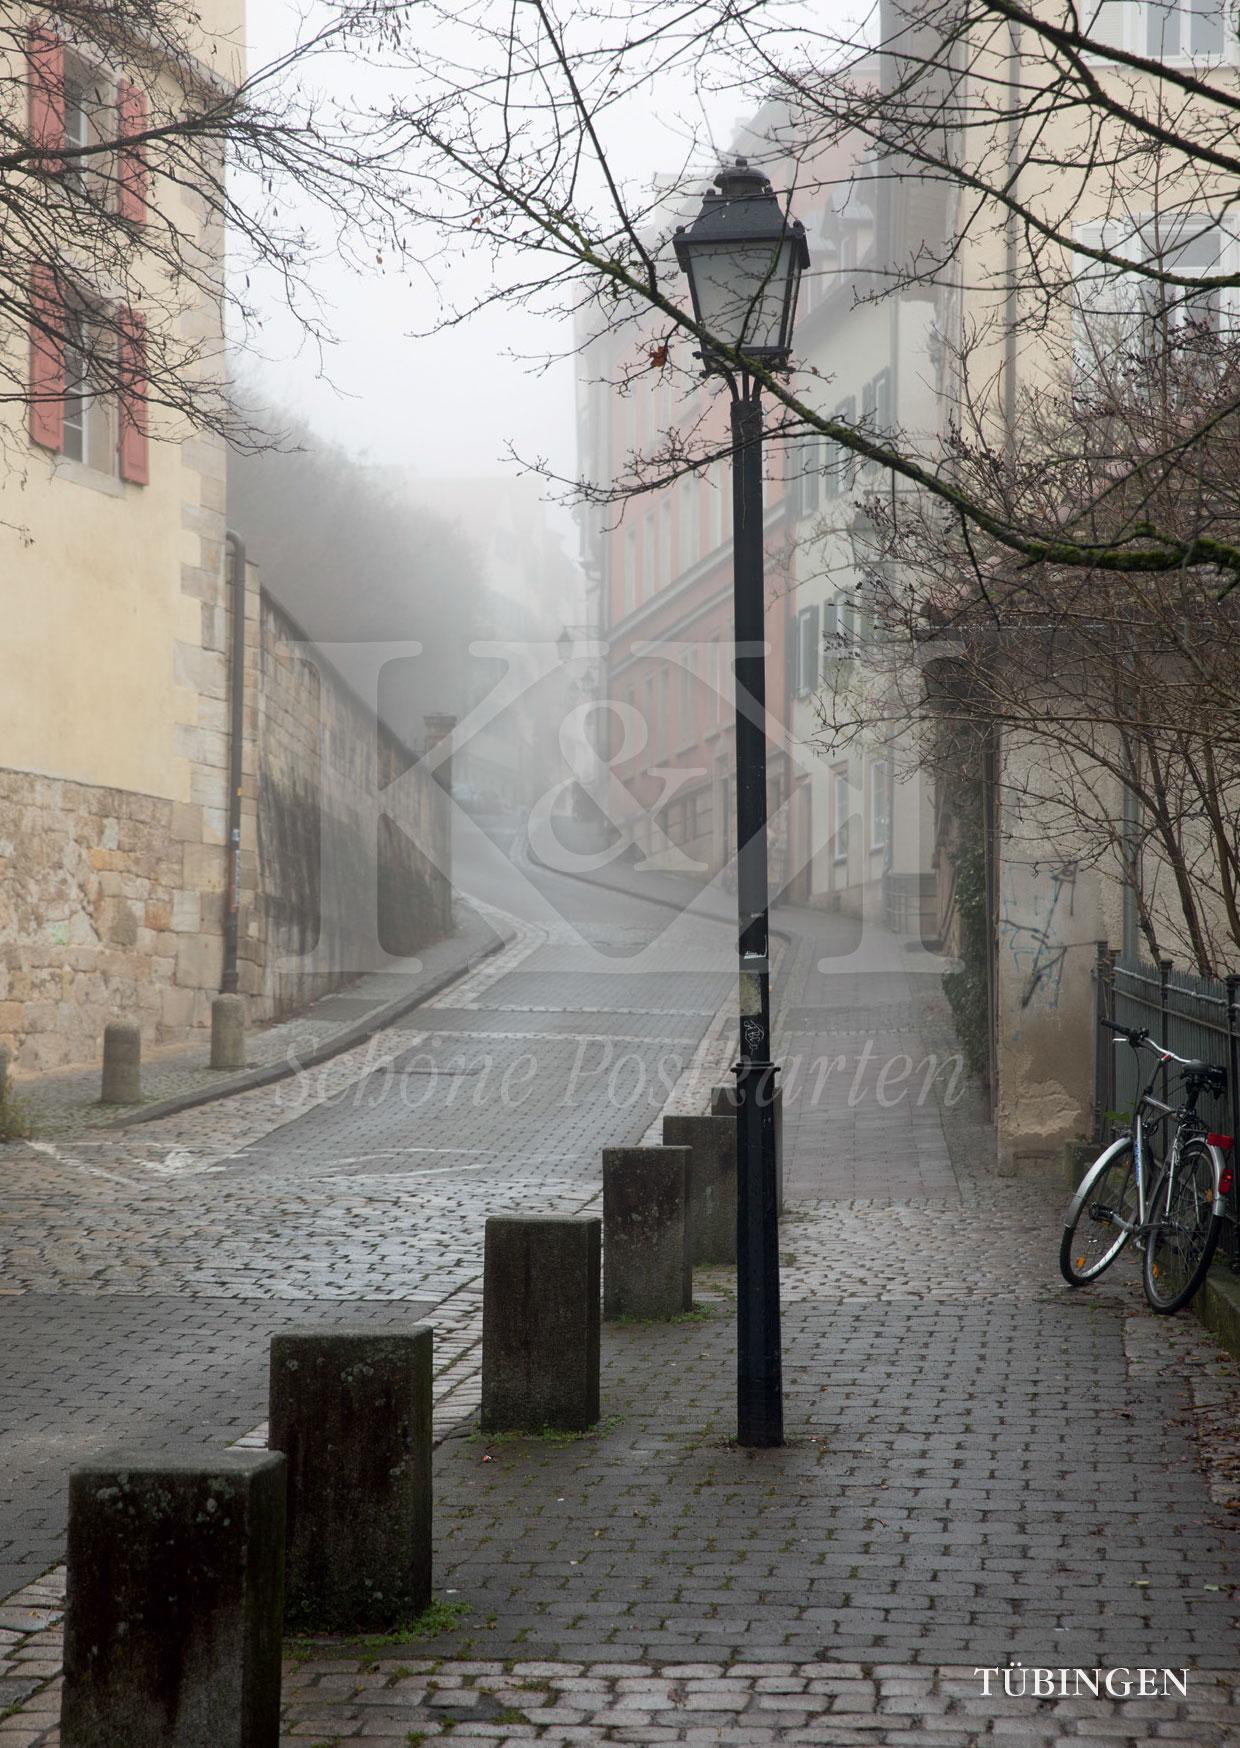 Melancholische Schönheit: Neckarhalde, Tübingen